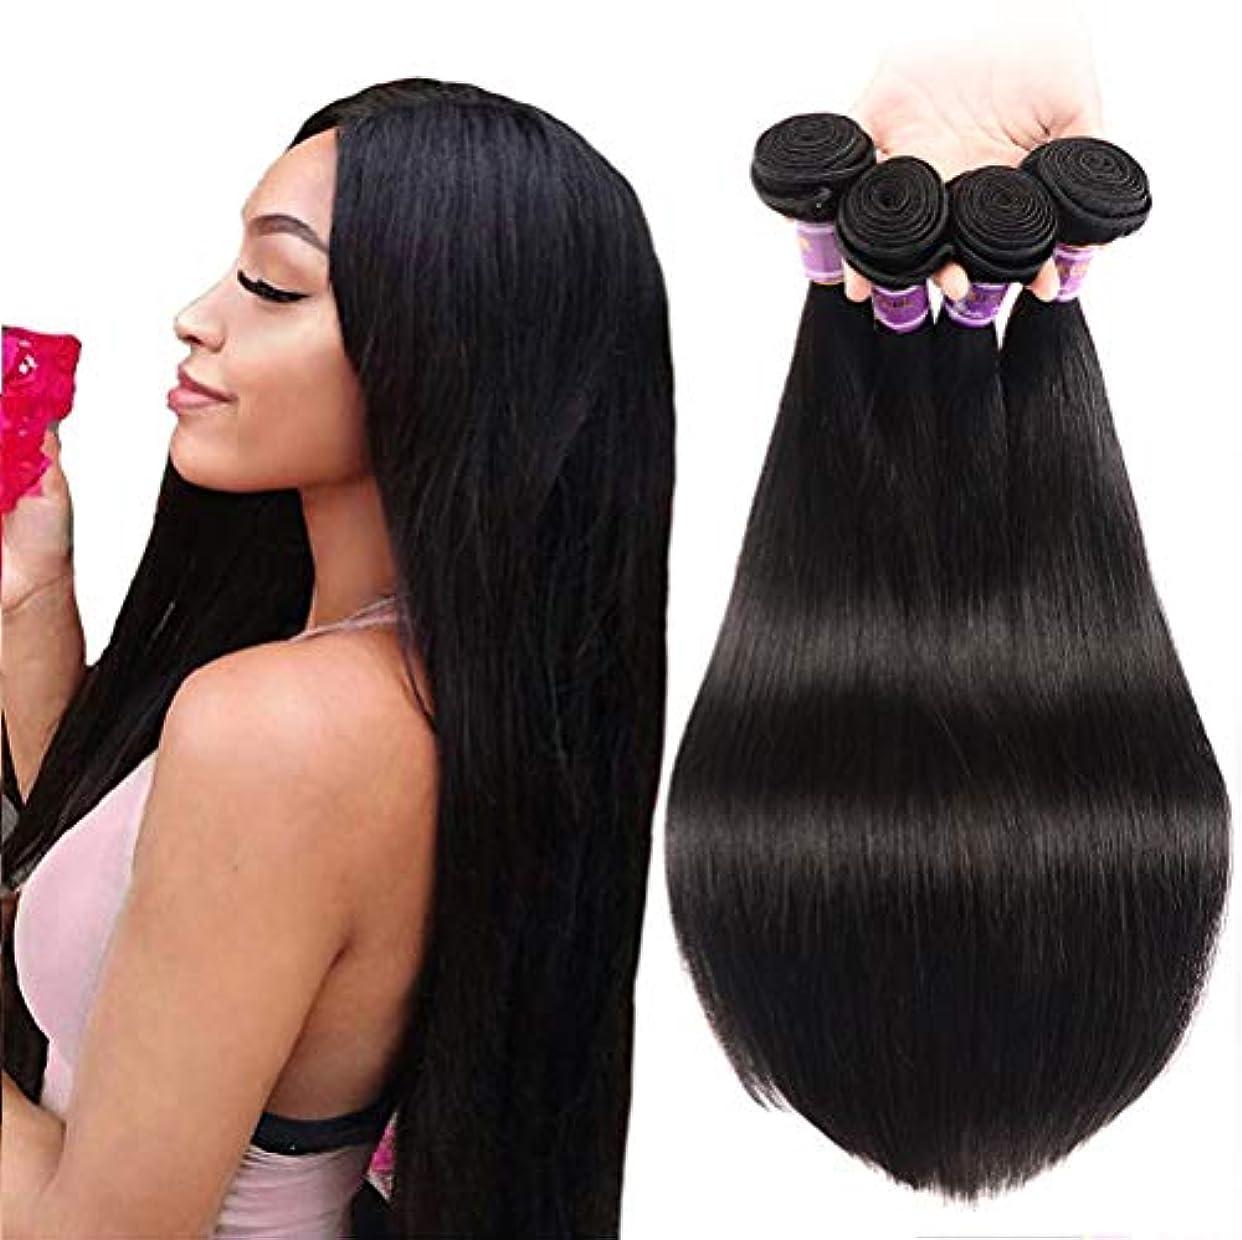 追放王女ロビー女性ブラジルバージン人間の髪の毛1バンドルストレートウェーブ横糸100%本物の人間の髪の毛の拡張子髪織り